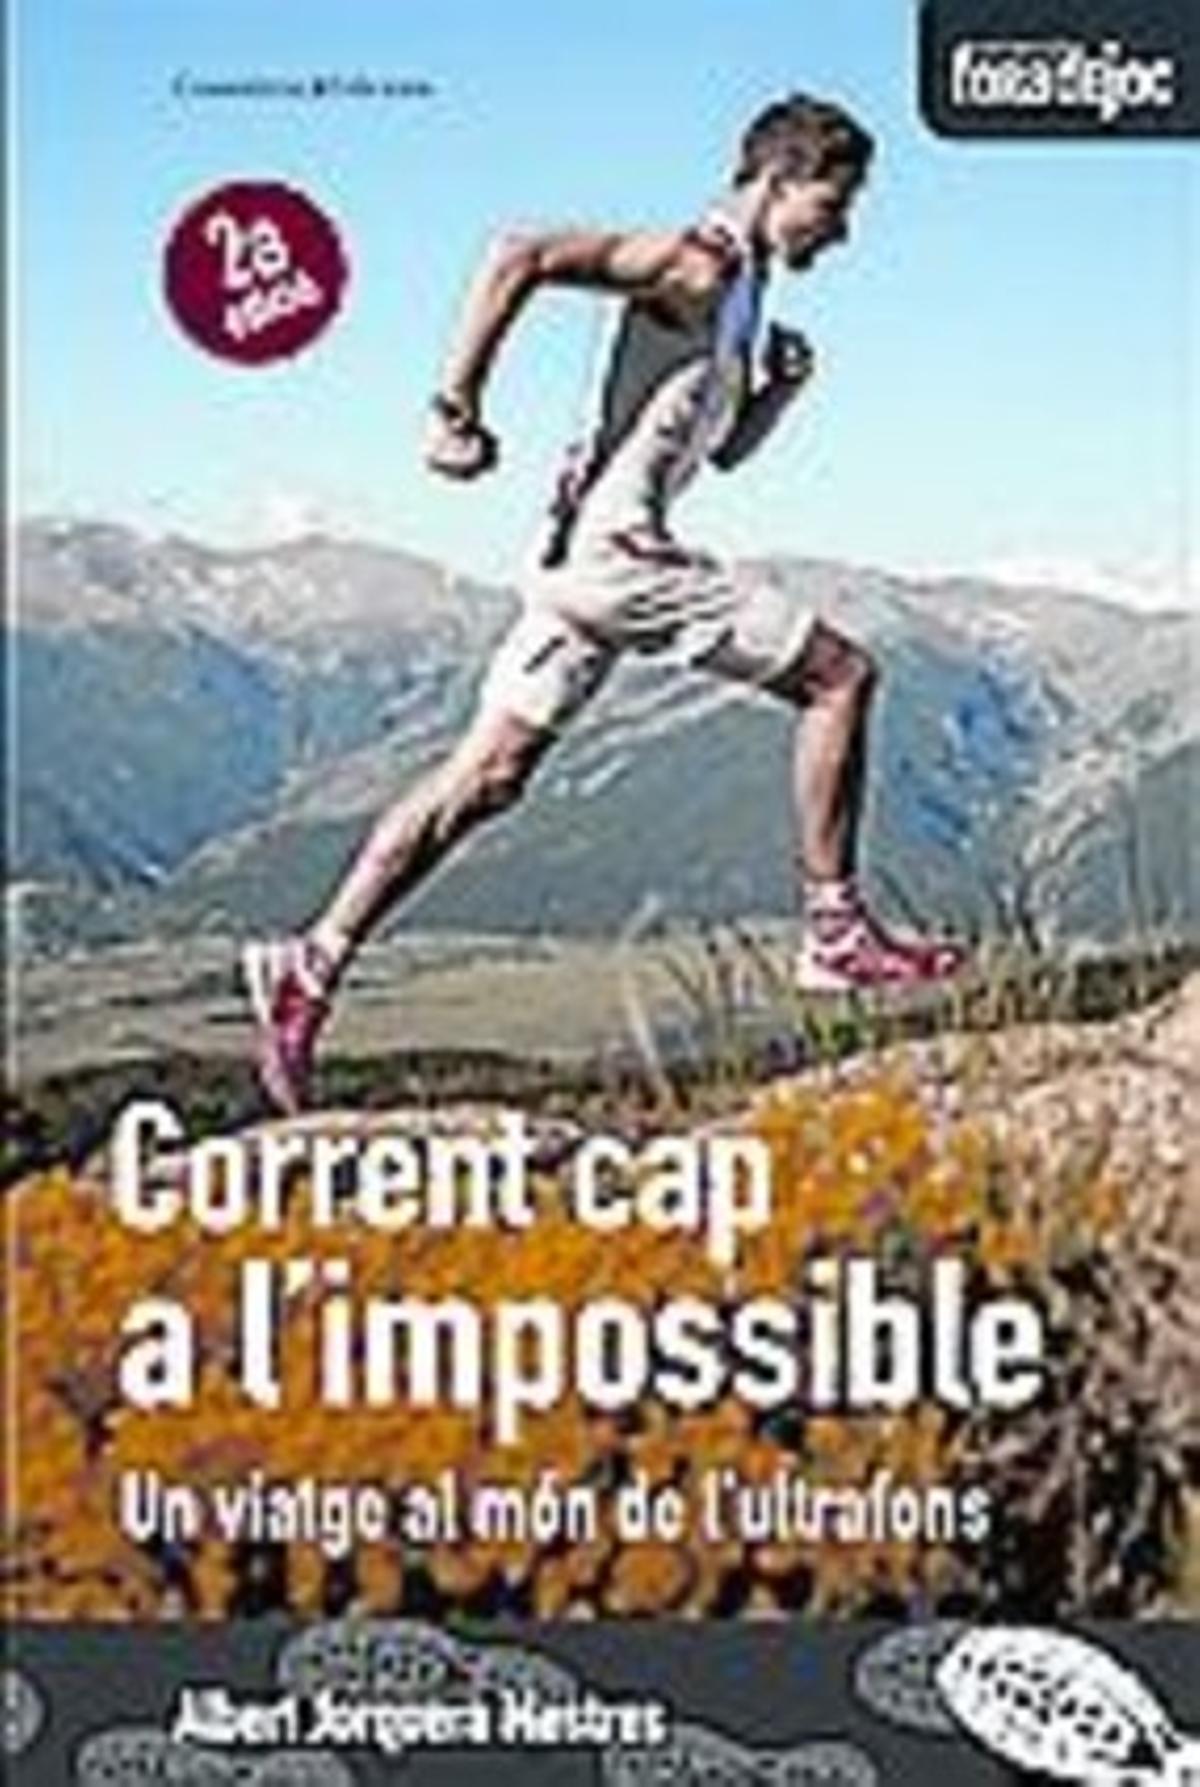 CORRENT CAP A L'IMPOSSIBLEAlbert Jorquera, autor del libro en el que describe el mundo de las ultras desde un punto de vista amateur.